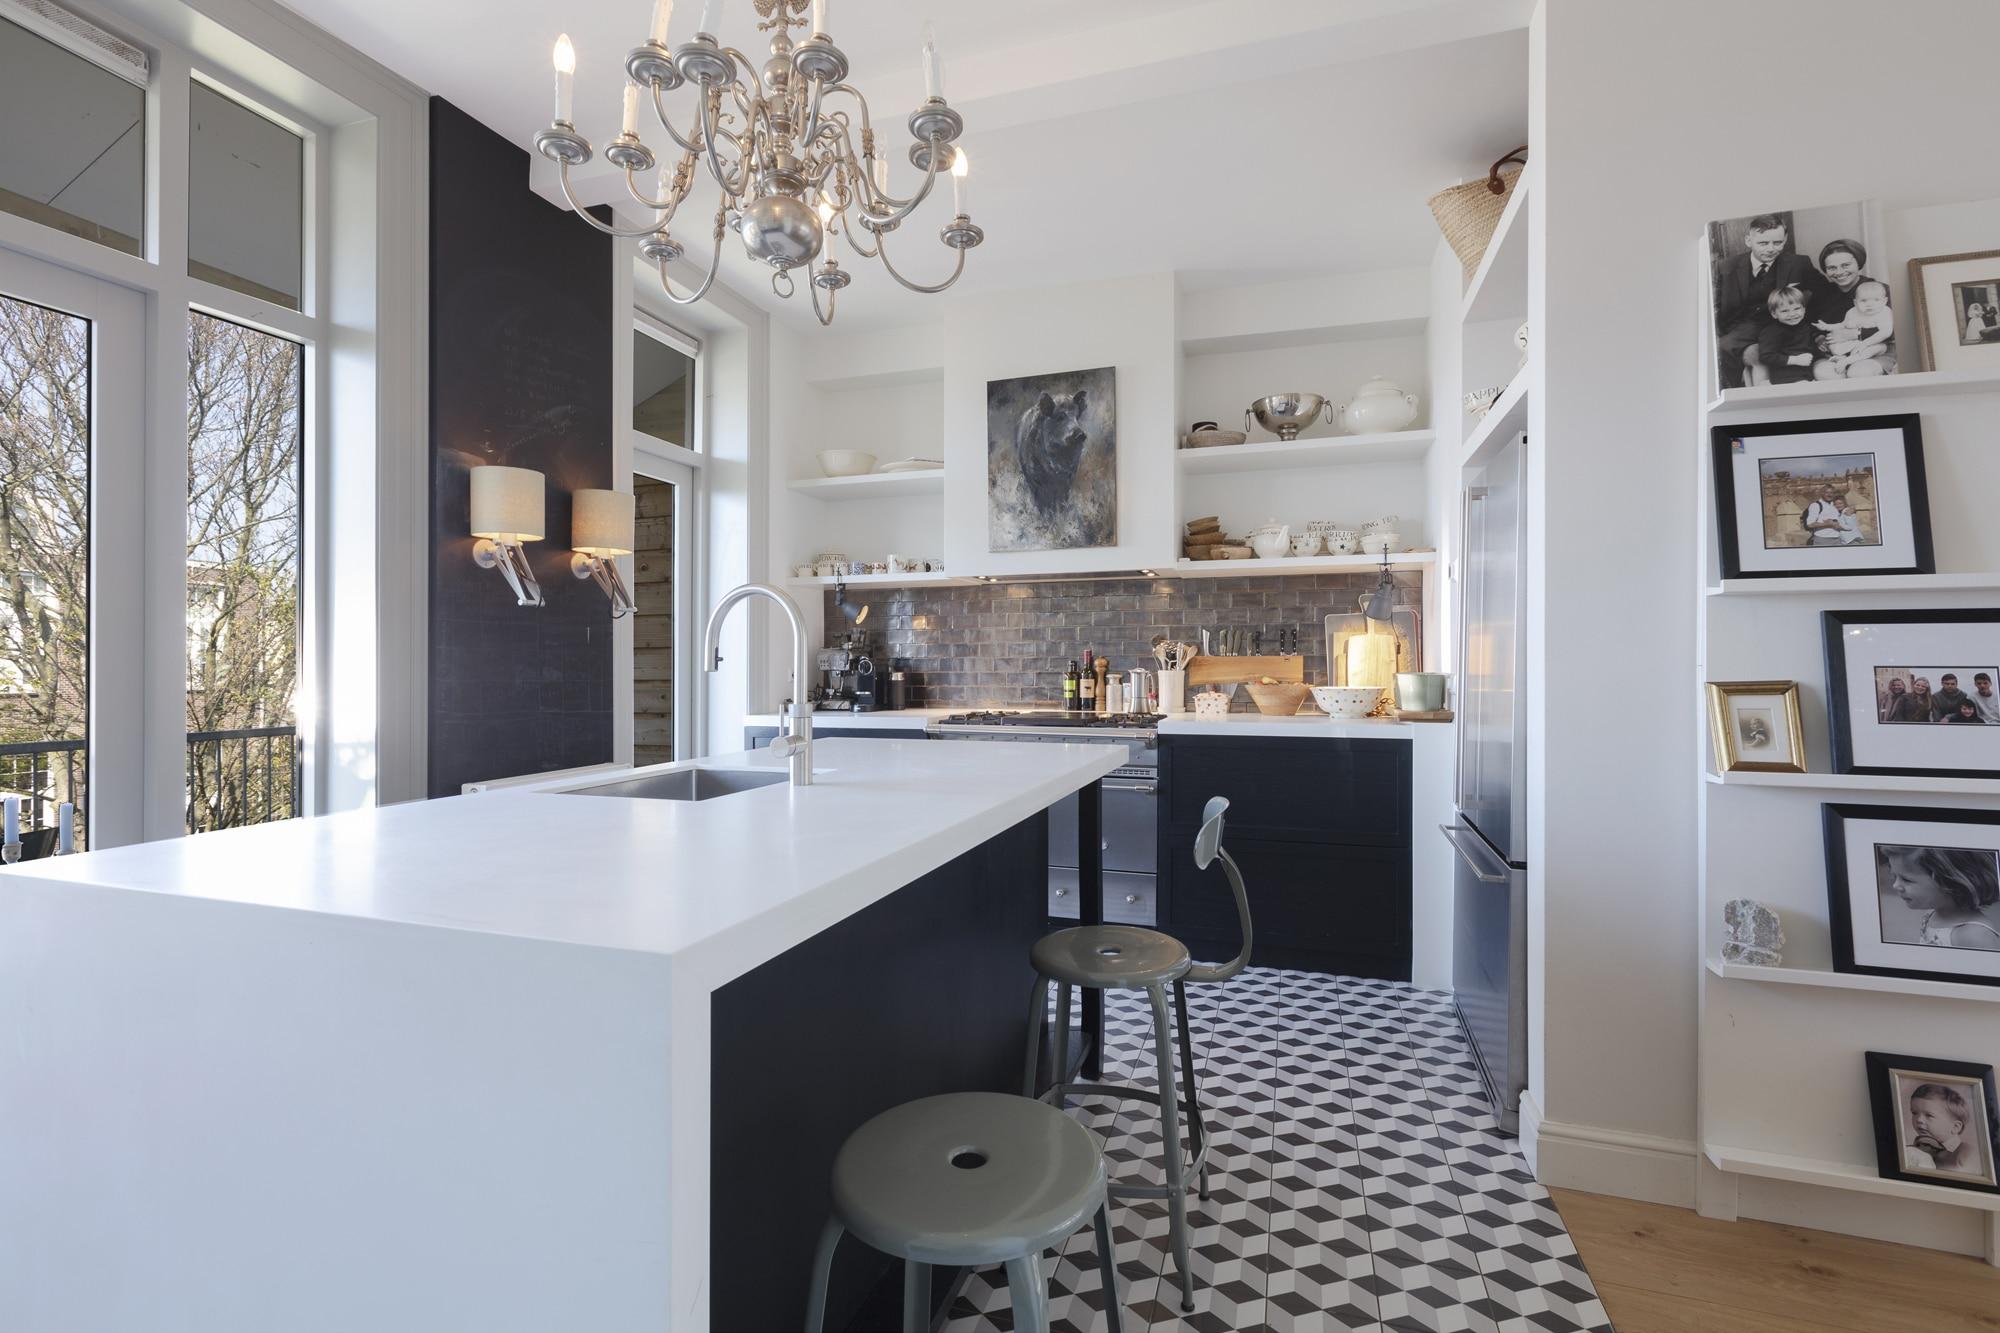 Chaise et tabouret Nicolle dans une cuisine par Jet Van basset batenburg à Amsterdam